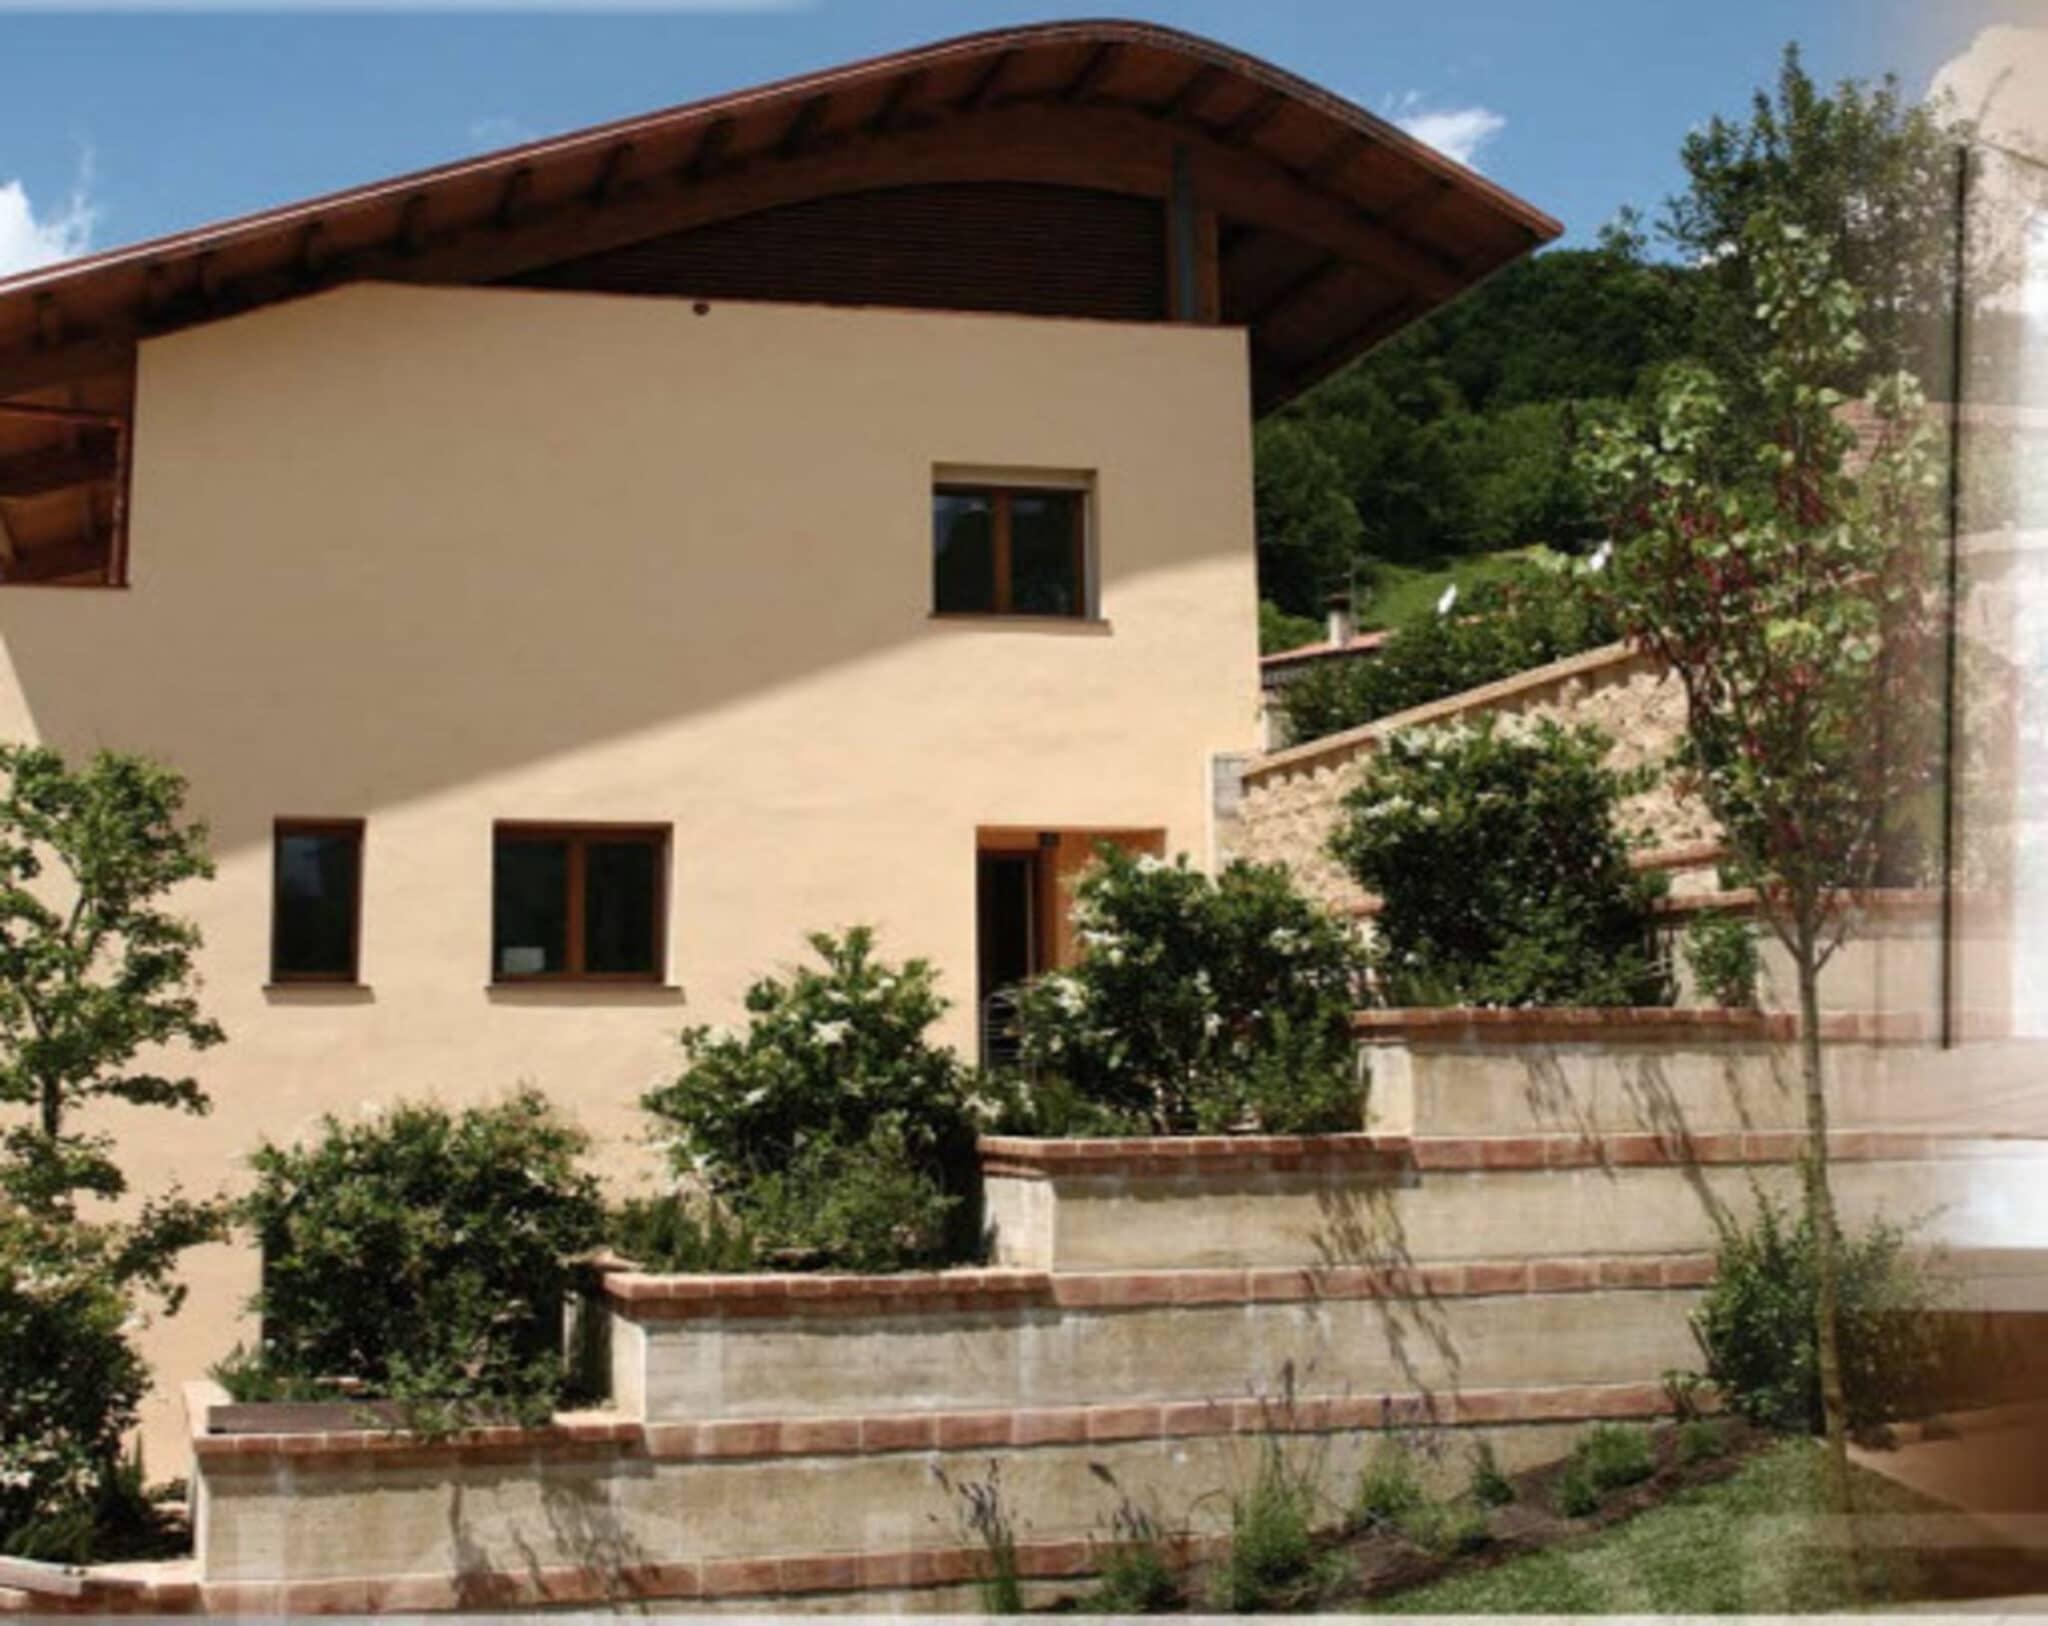 Leaf house, emissioni, rinnovabili, solare, risparmio, involucro, pannelli, geotermico, efficienza, impianti, sprechi, acqua, aria, recupero, consumi, Energy Close-up Engineering